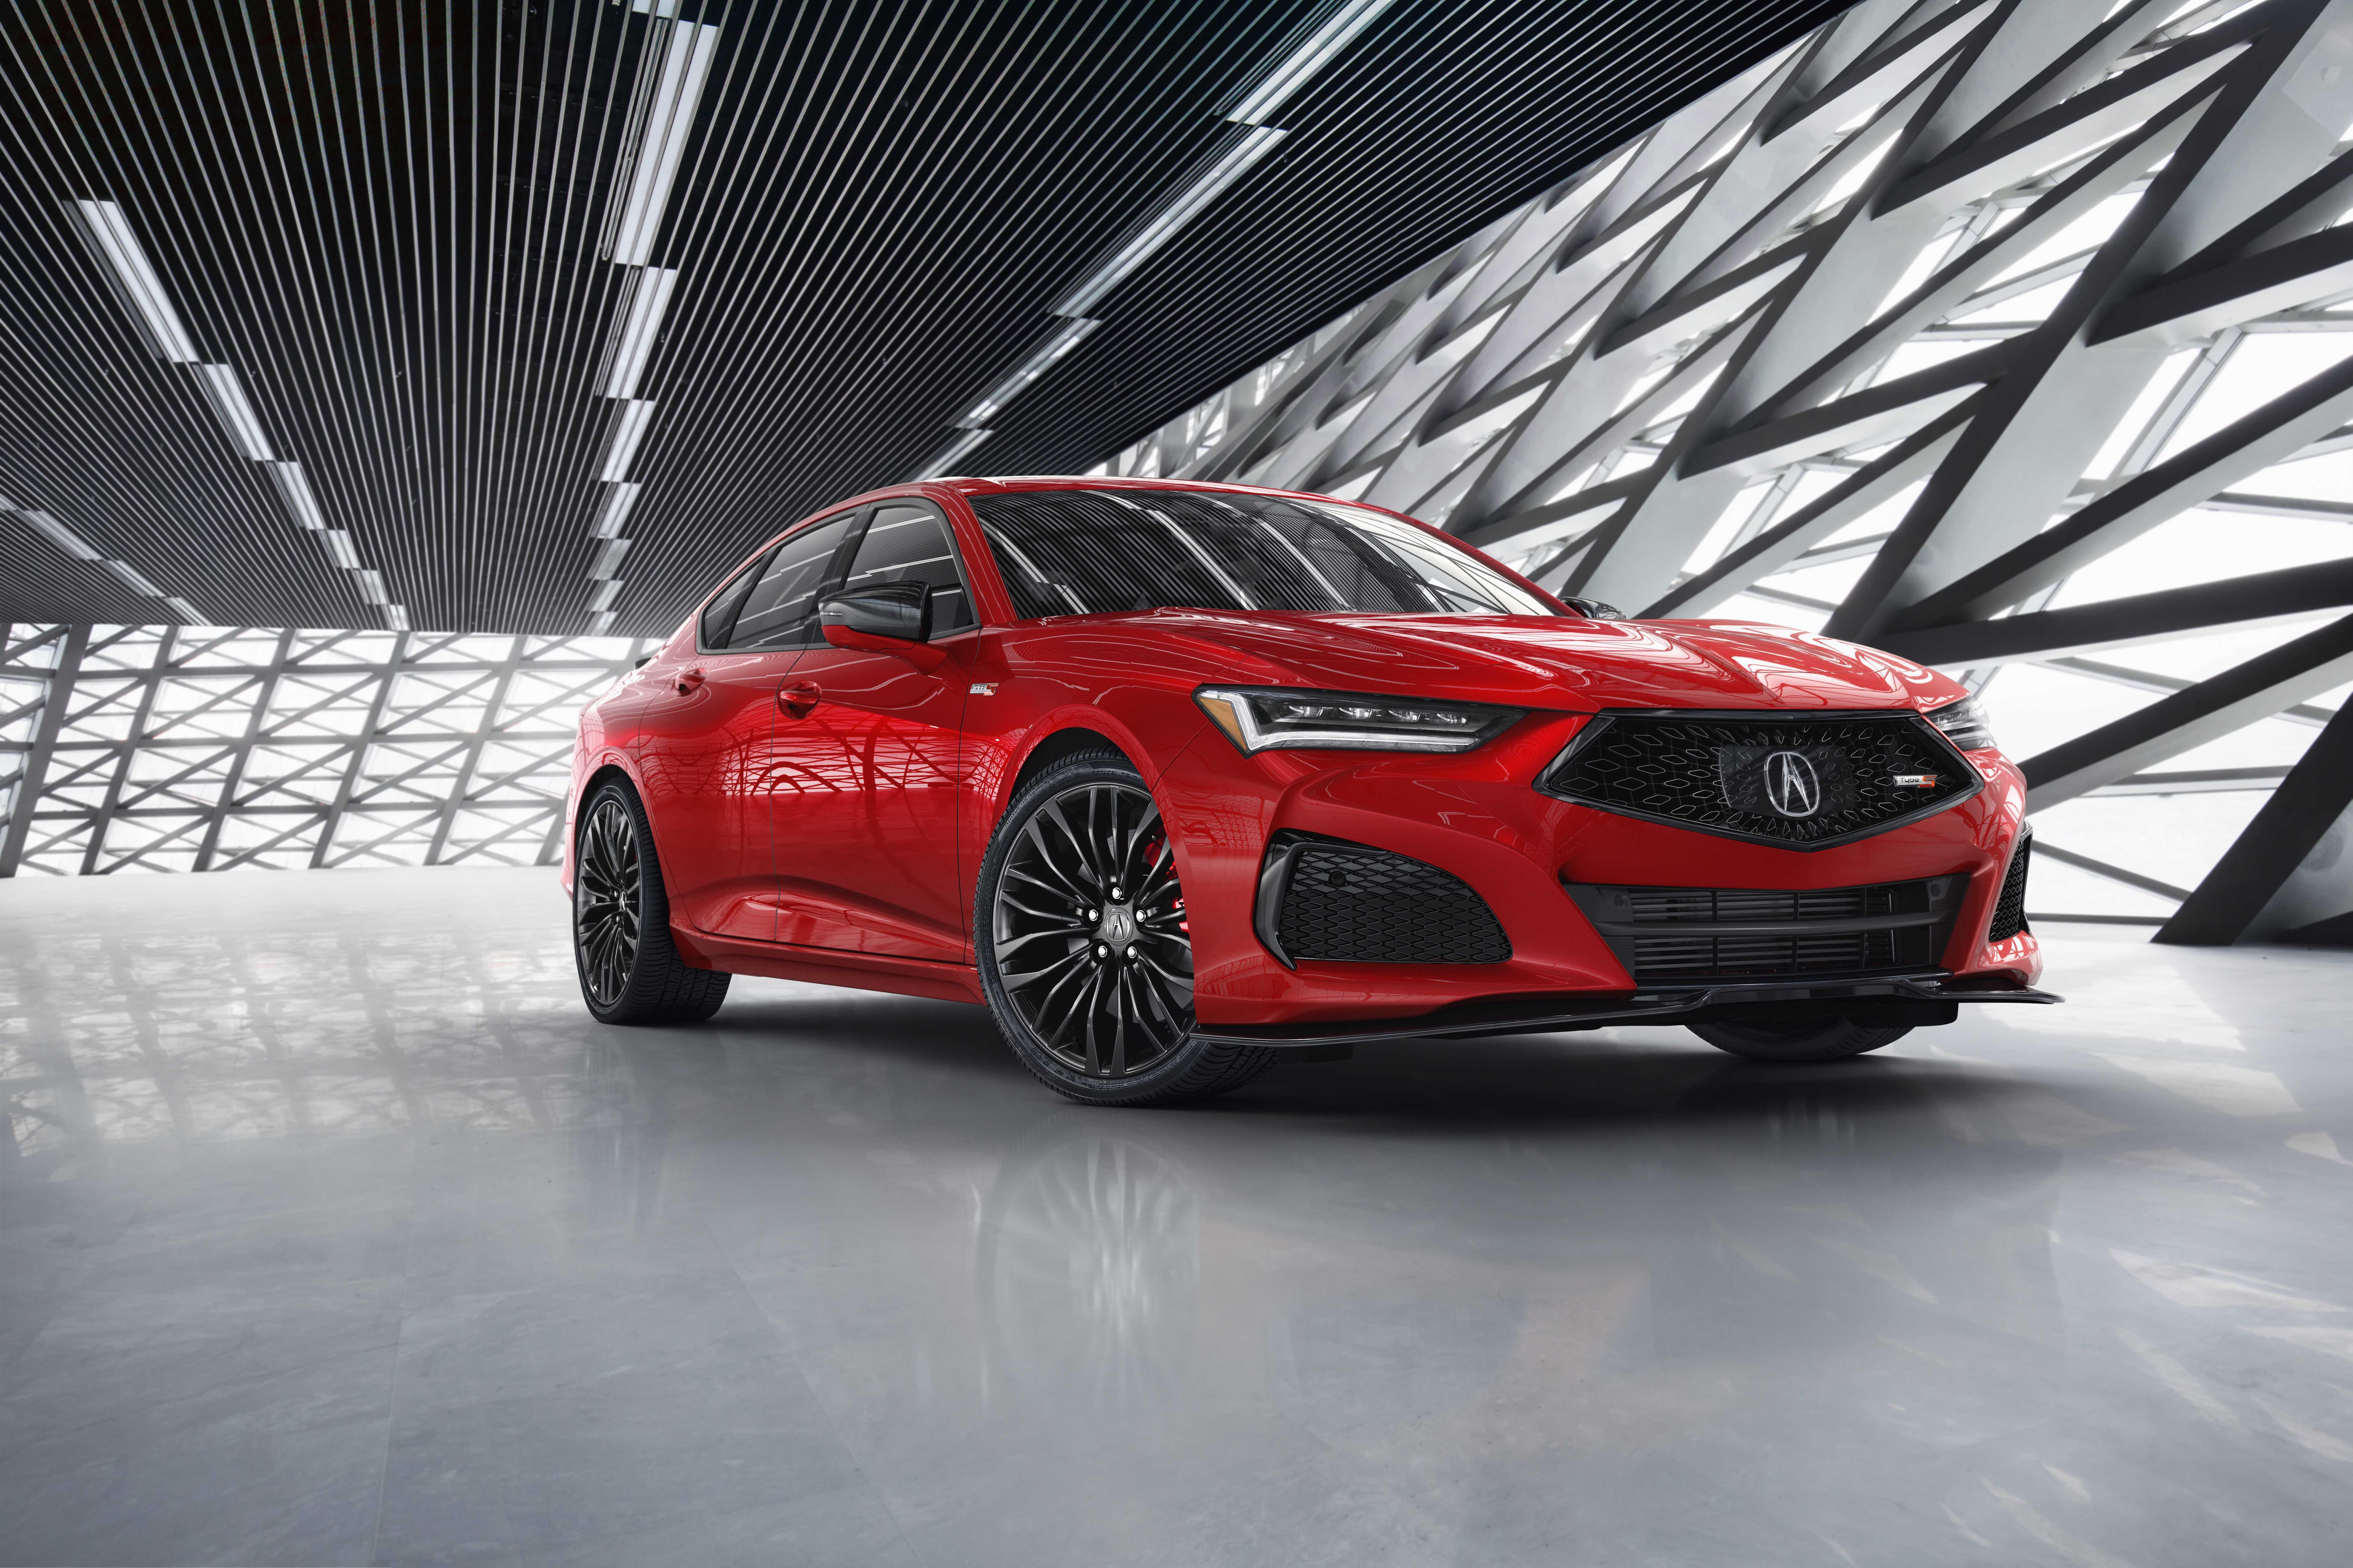 Acura tlx 2018-2019 - фото новинки, цена, характеристики рестайлинг-версии акура тлх